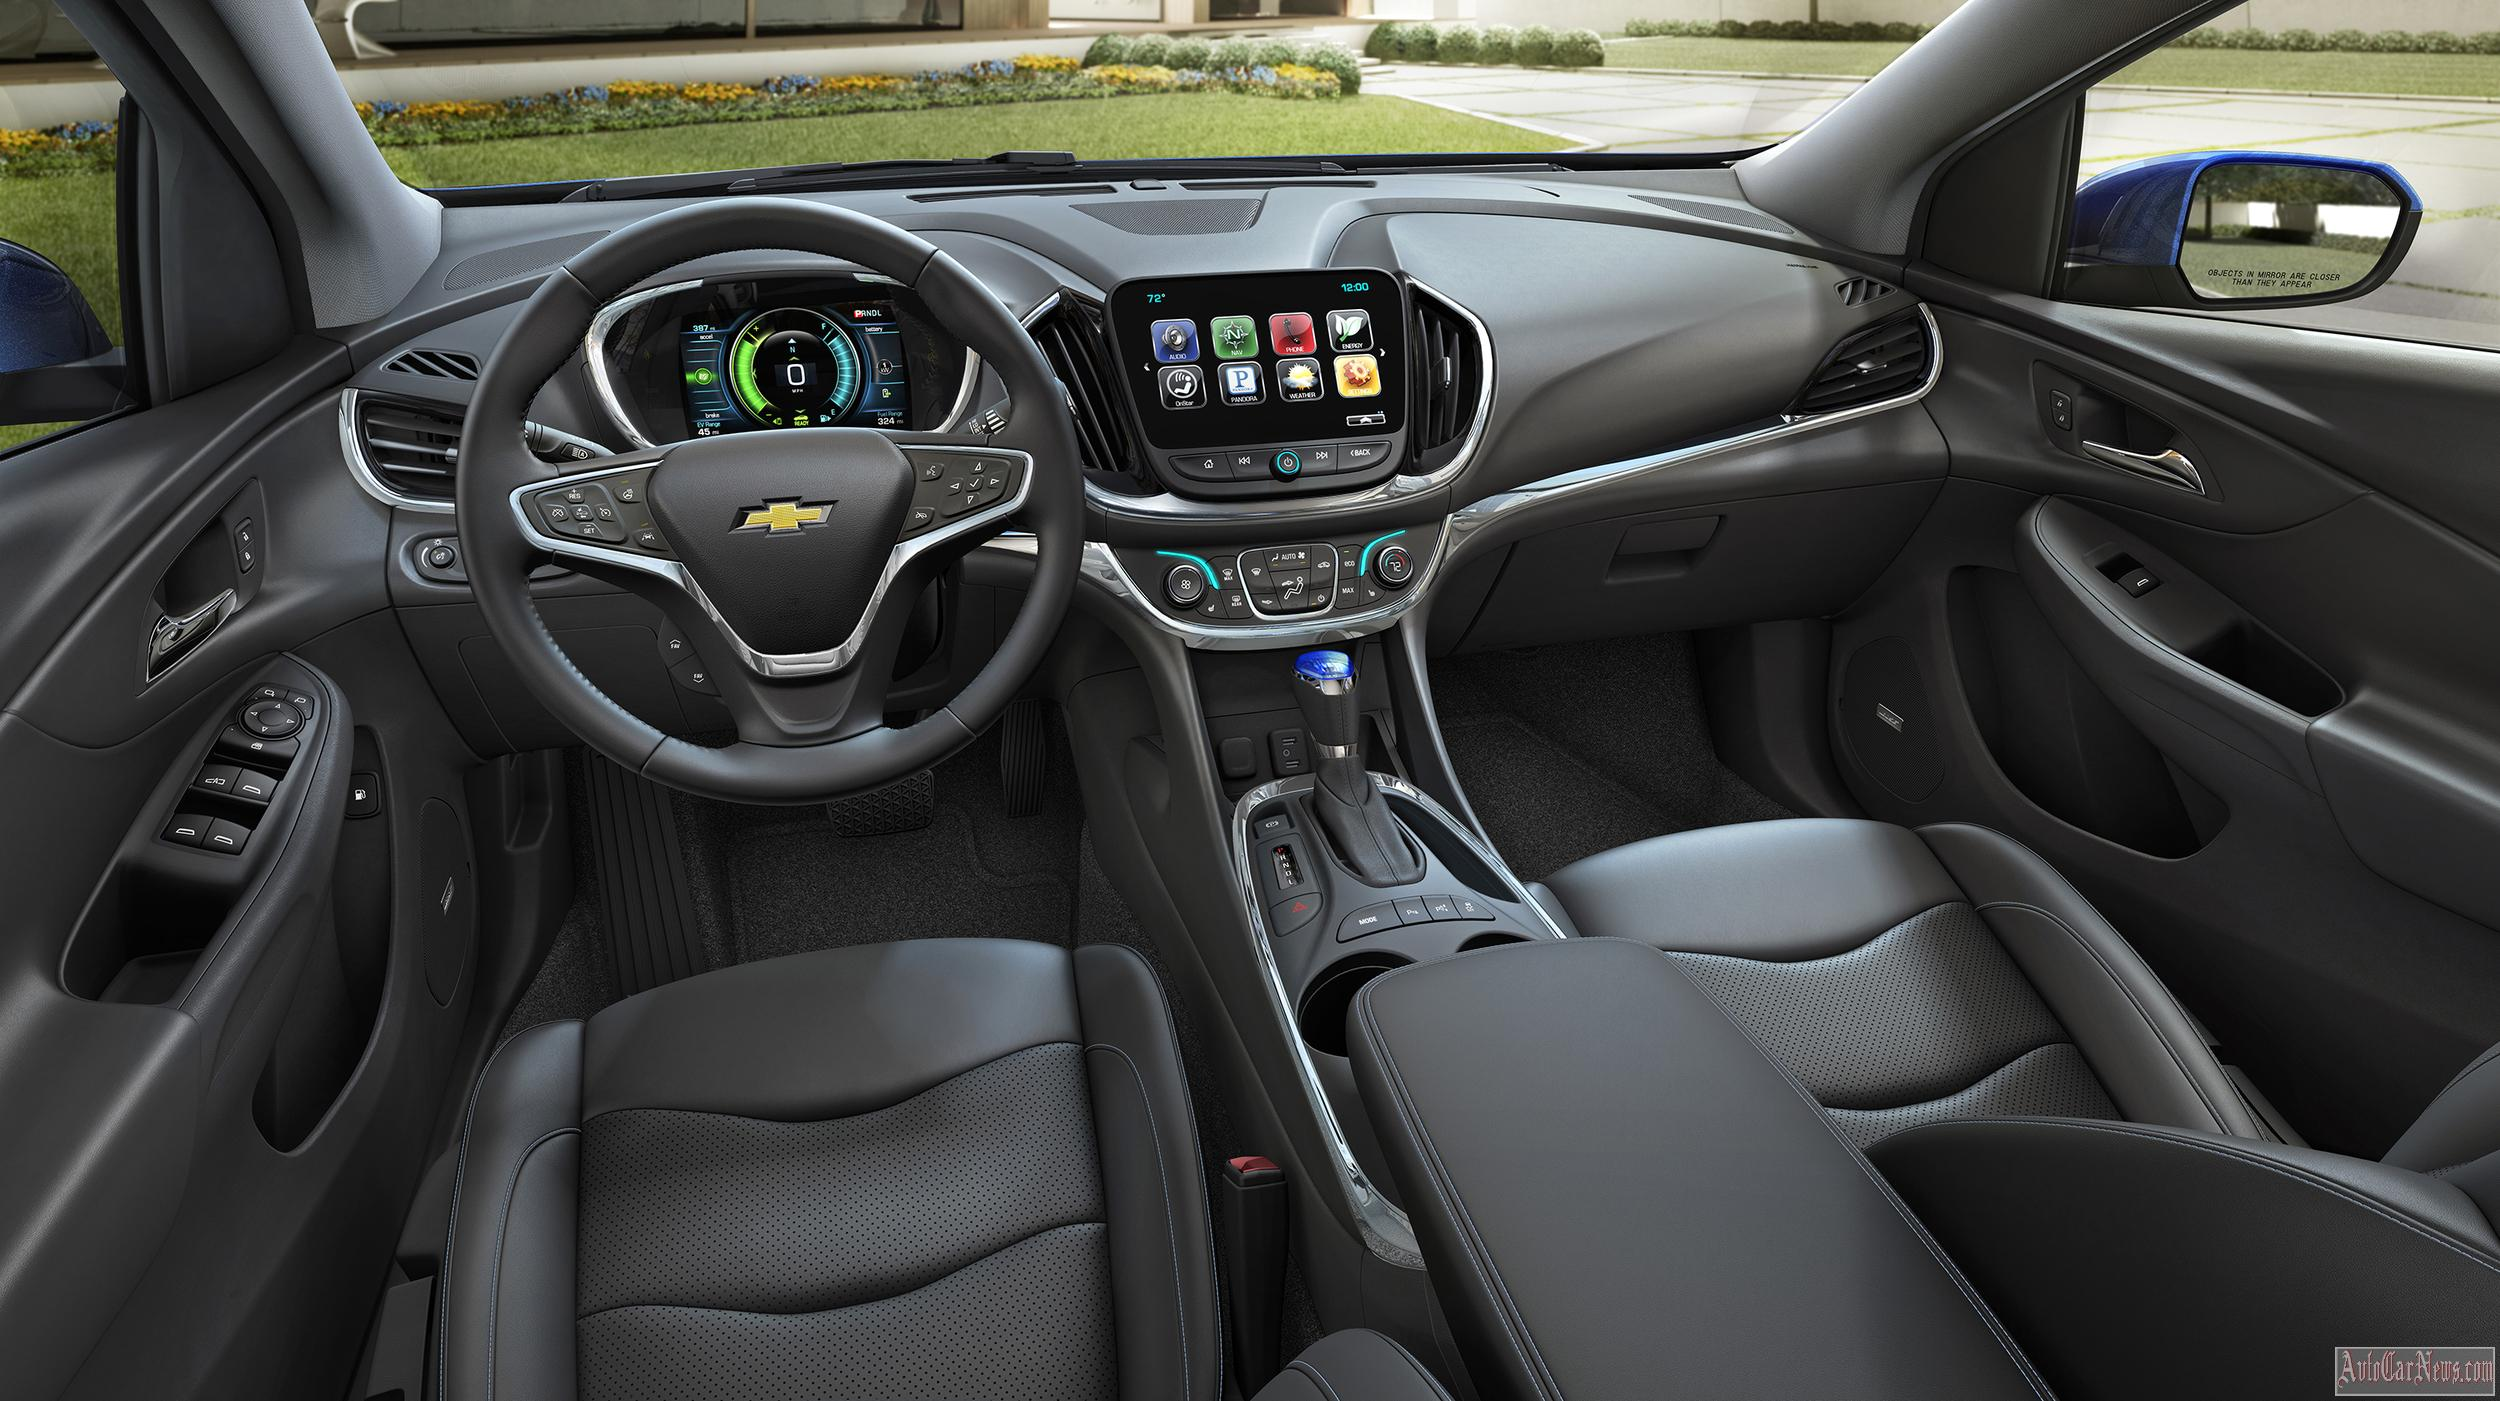 2016 Chevrolet Volt Photo